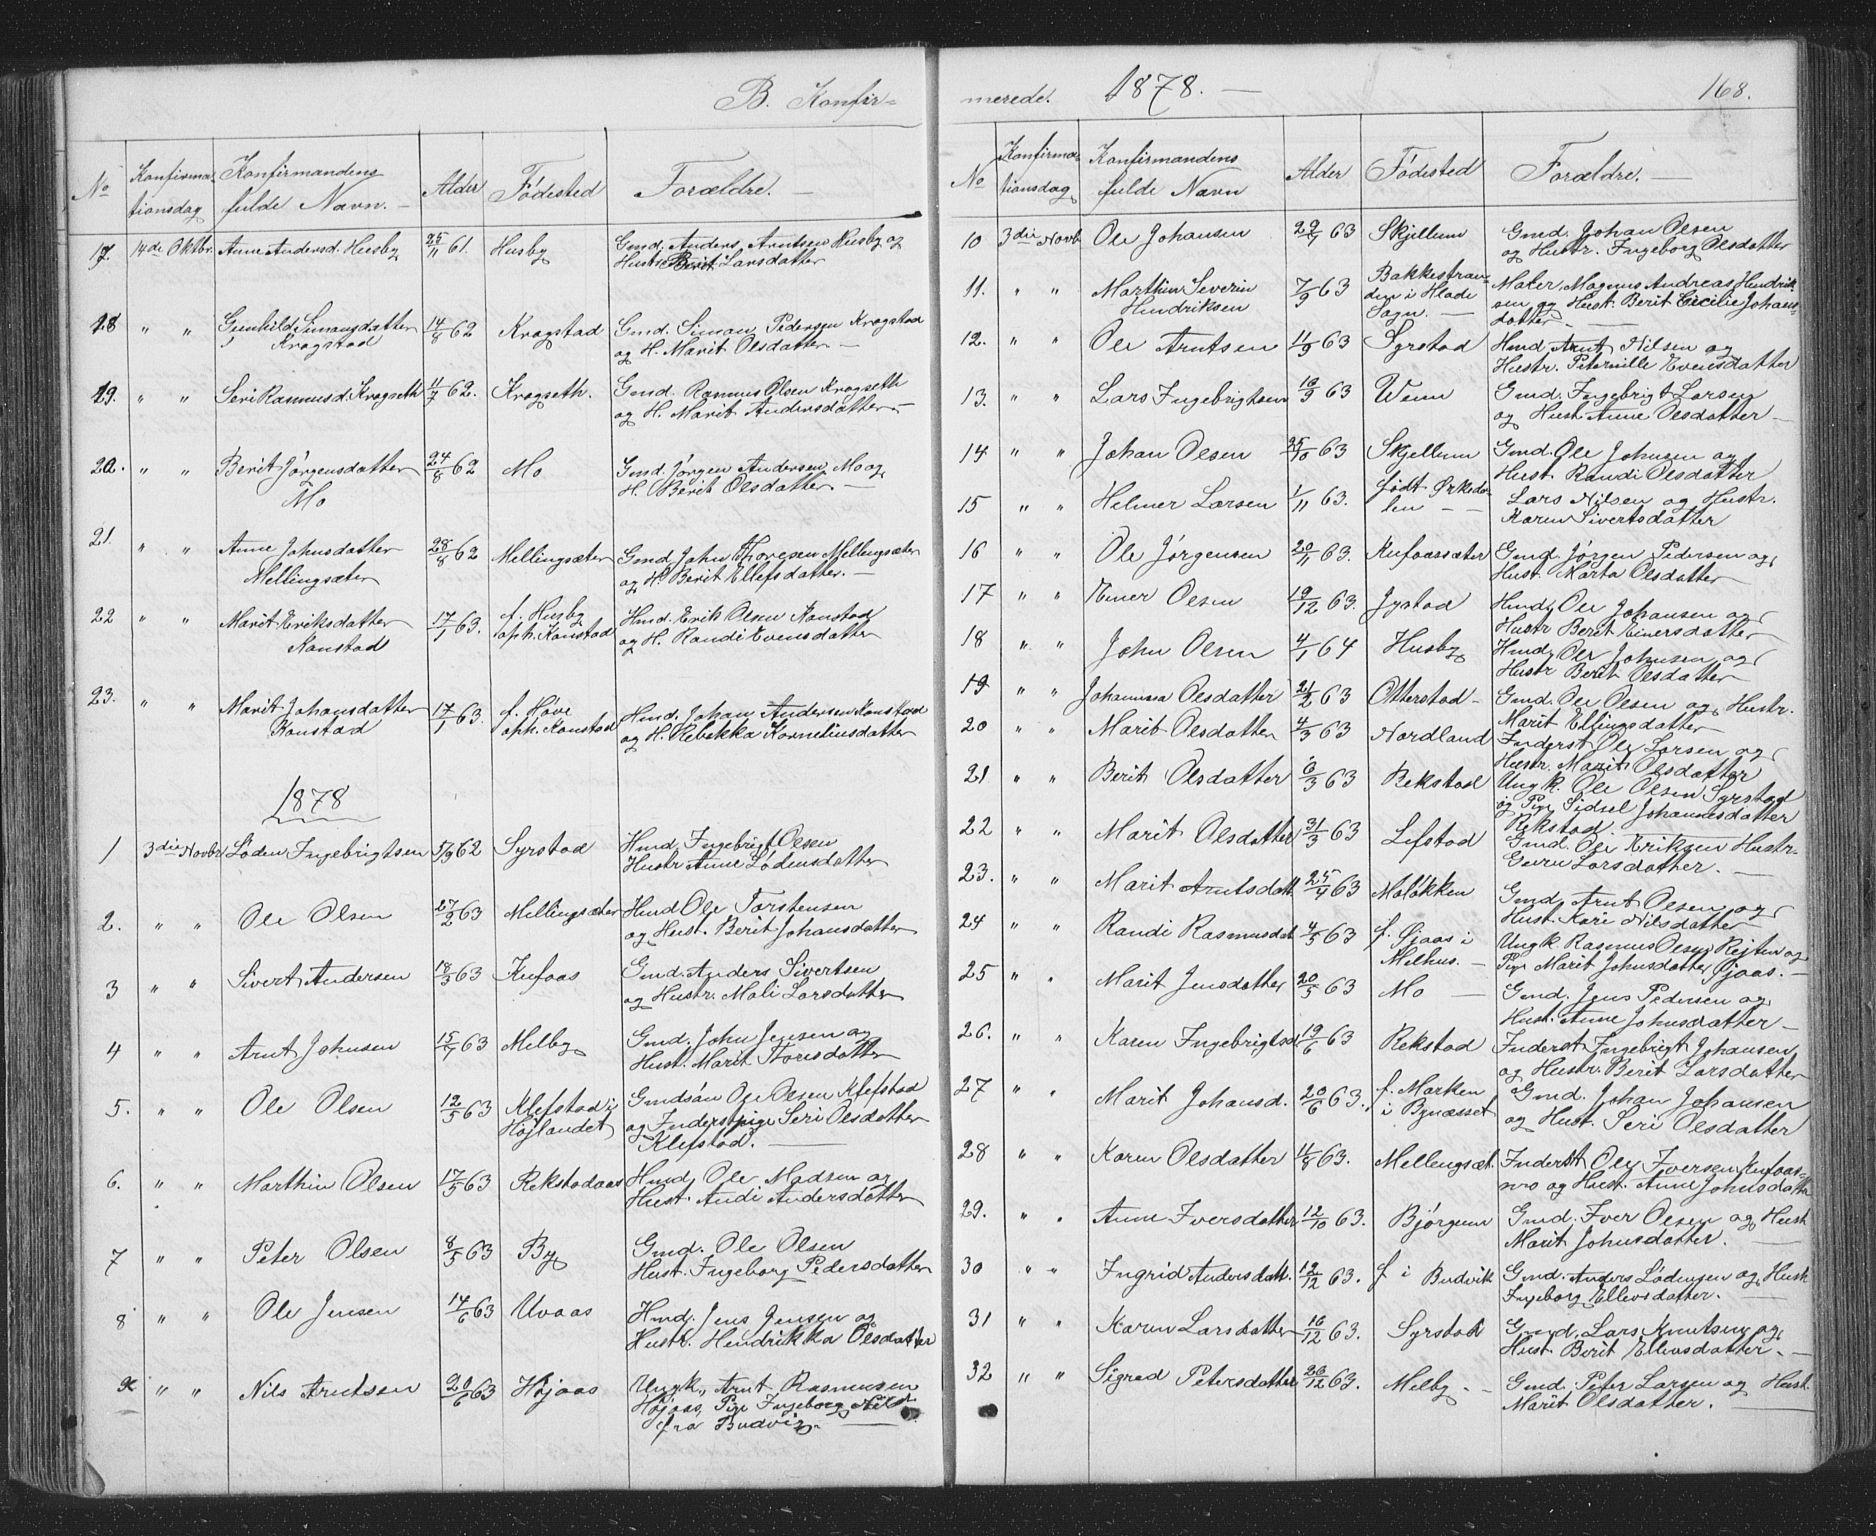 SAT, Ministerialprotokoller, klokkerbøker og fødselsregistre - Sør-Trøndelag, 667/L0798: Klokkerbok nr. 667C03, 1867-1929, s. 168